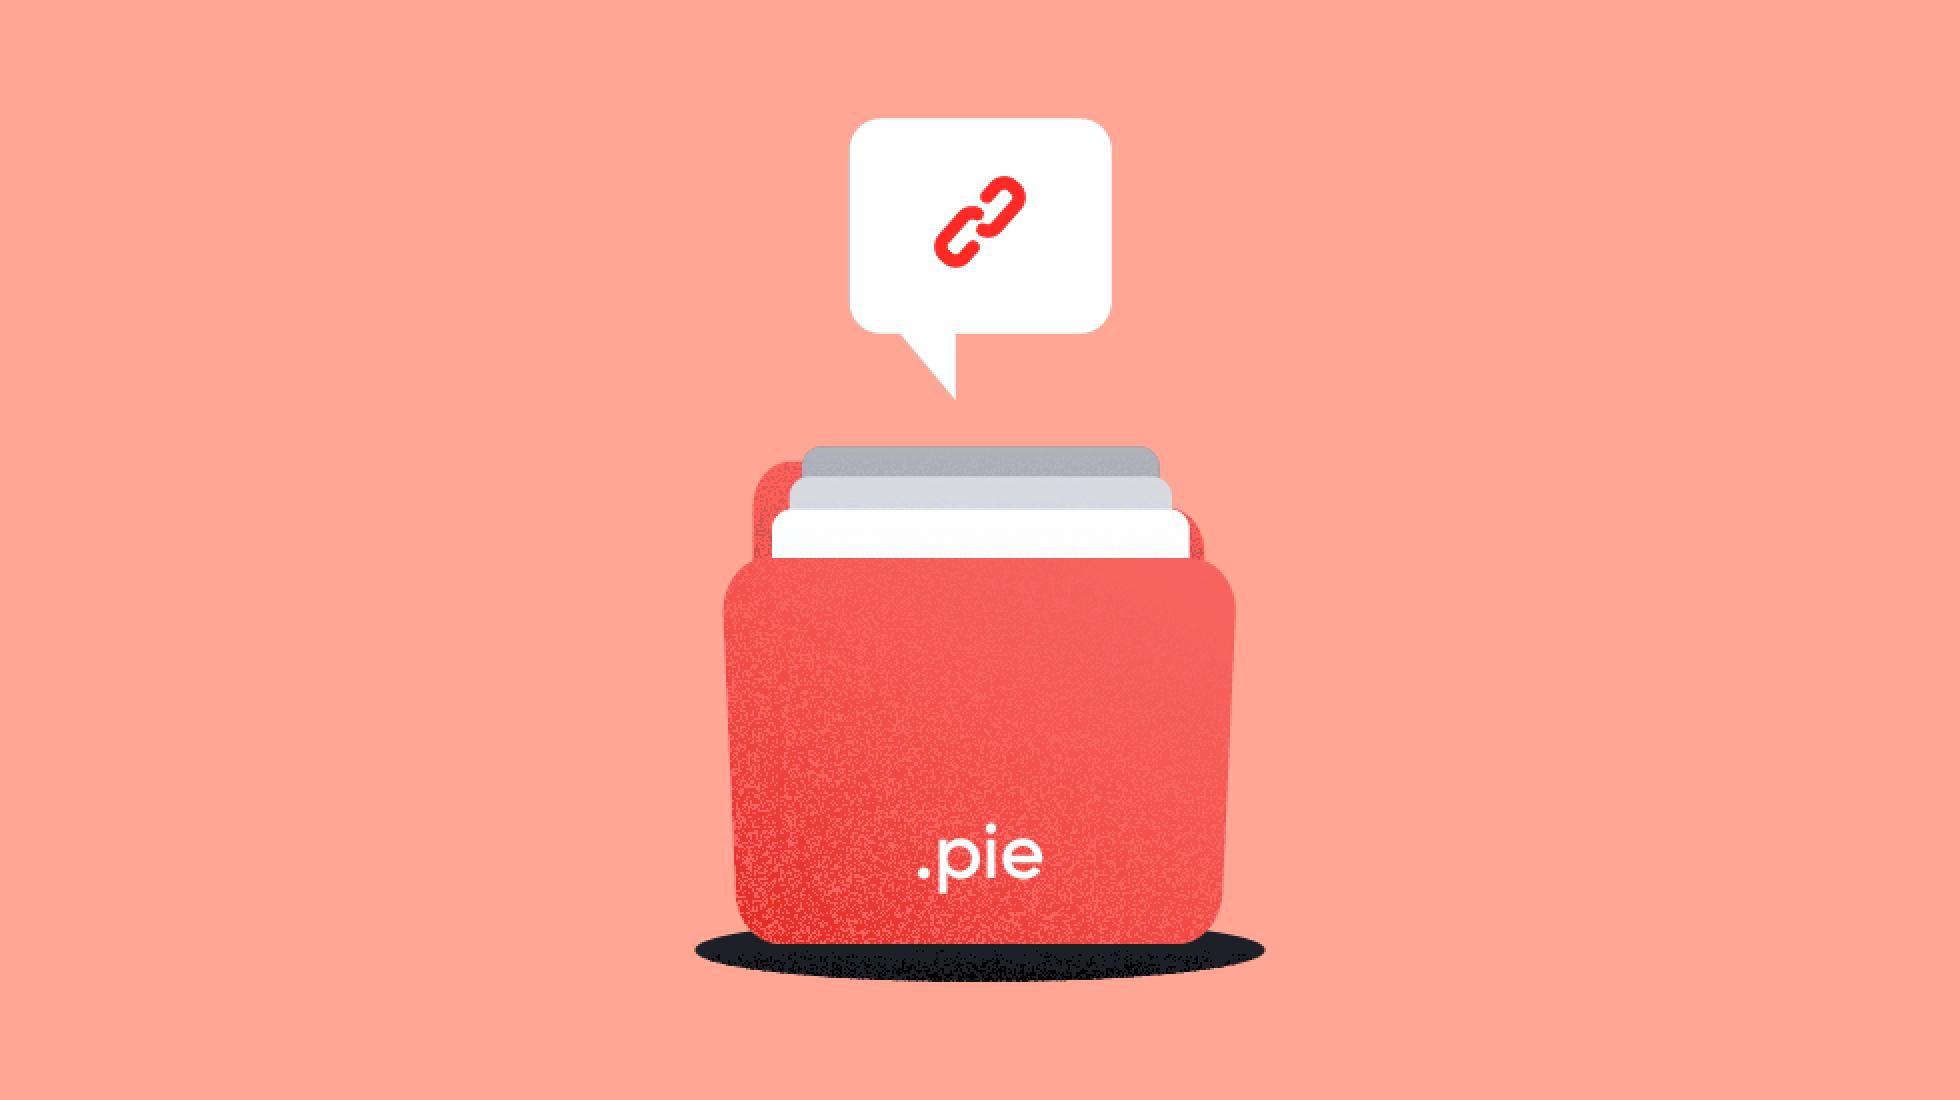 ProtoPie files share thumbnail